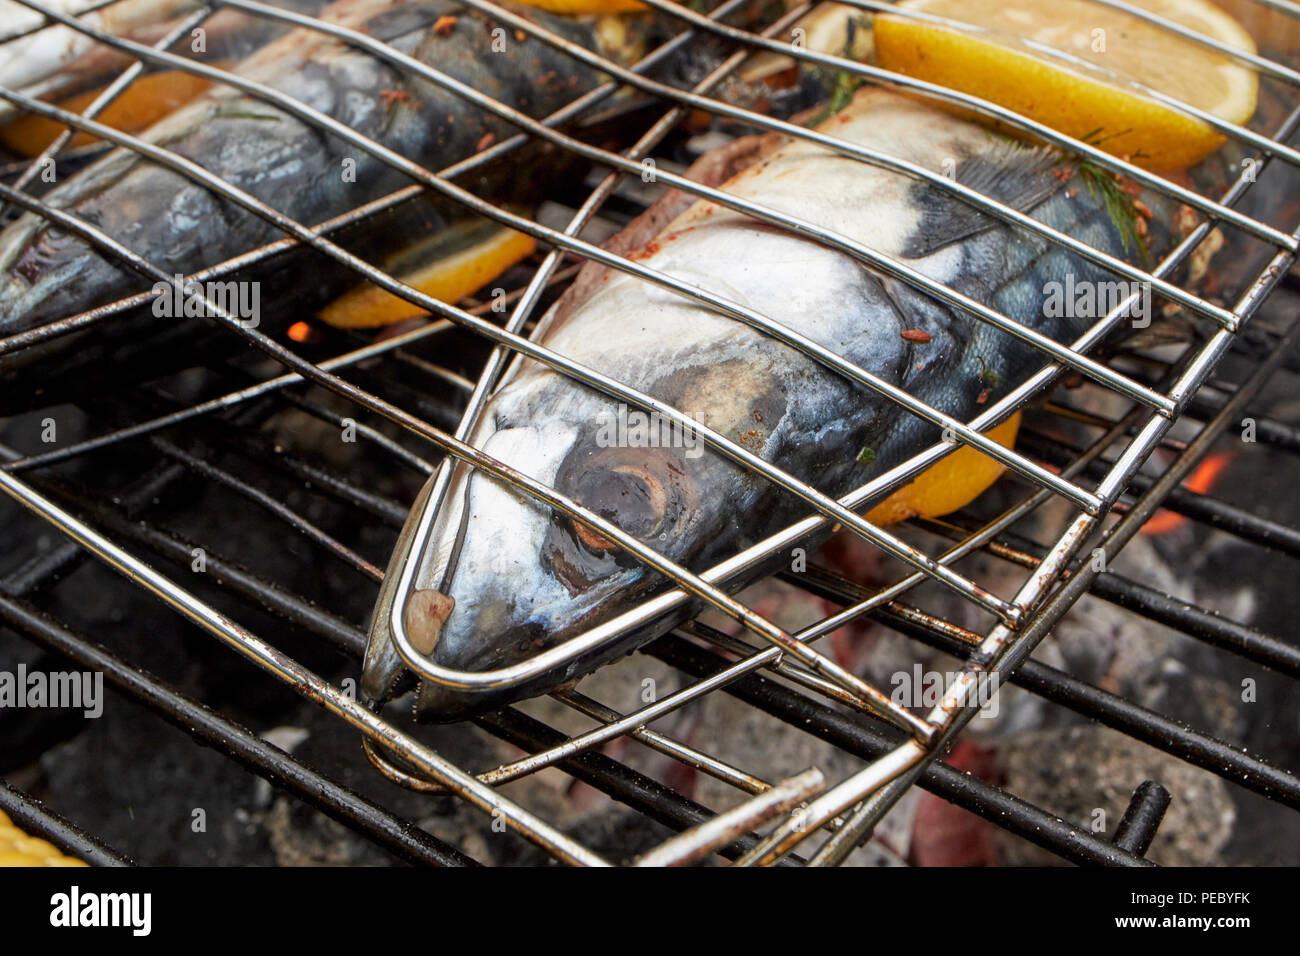 Grillen frische Makrelen mit Zitrone auf dem Grill in Großbritannien Stockbild